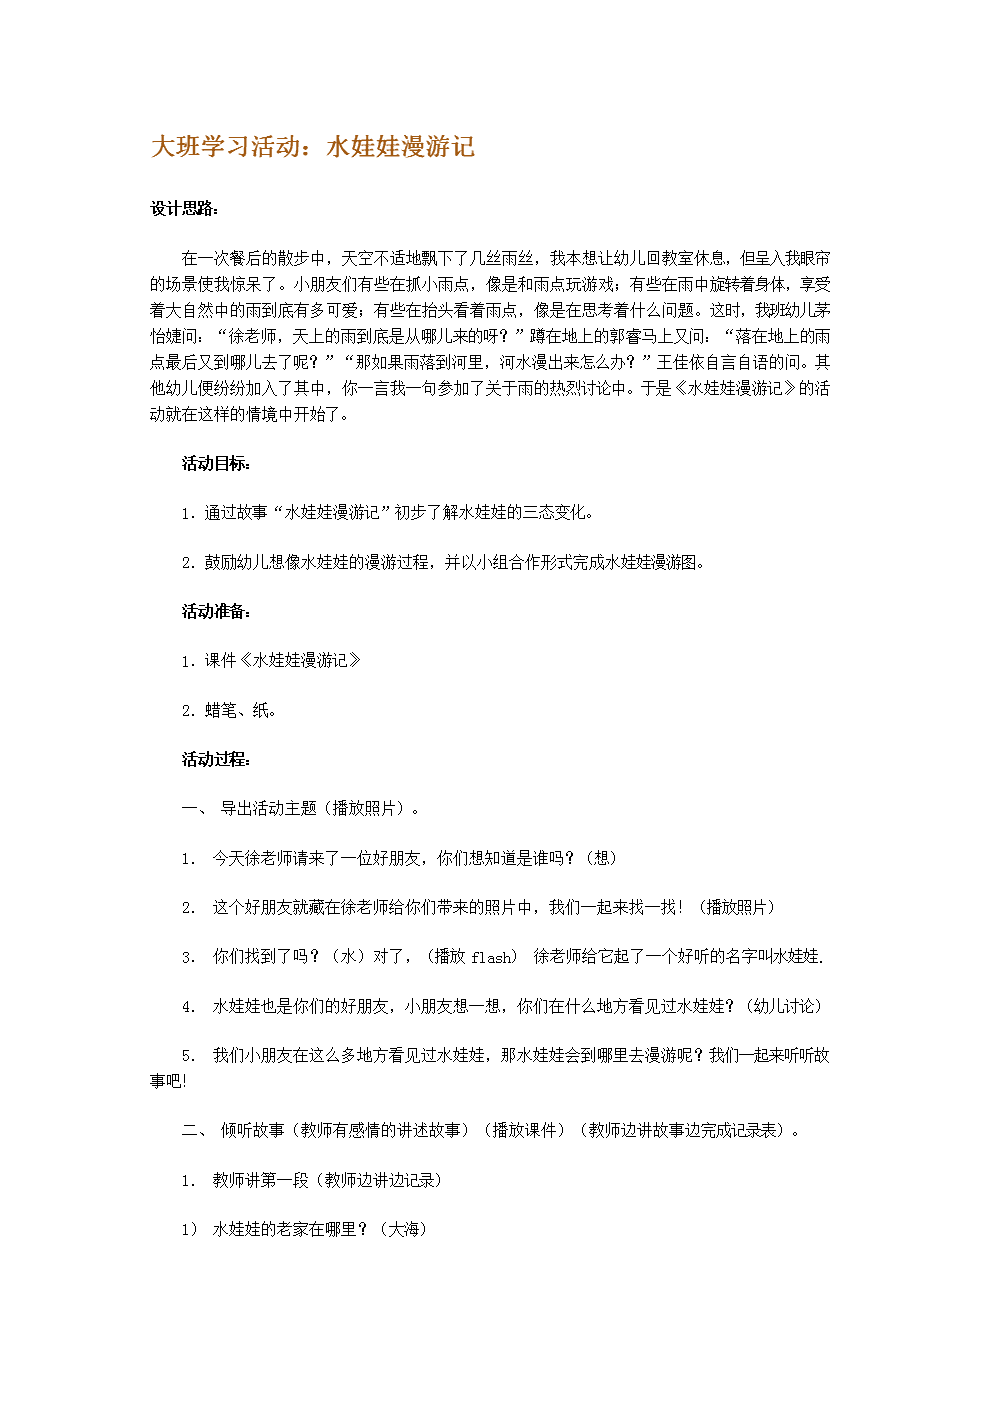 幼儿园专业教案之水娃娃漫游记.doc